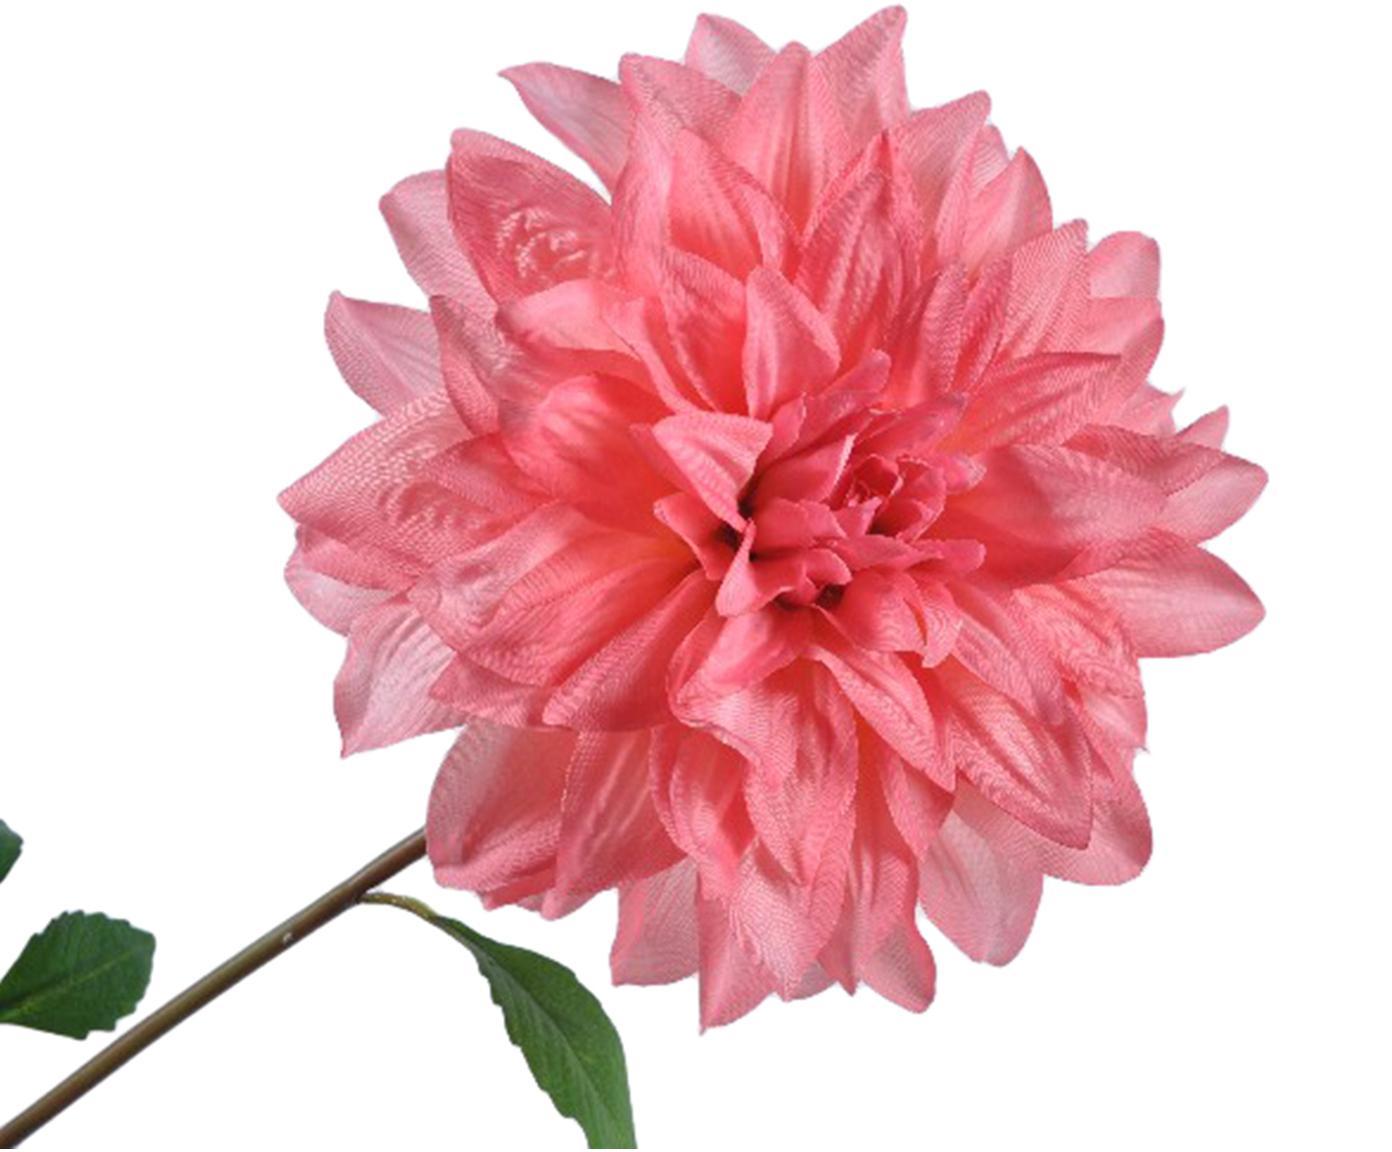 Sztuczny kwiat dalii Rosalina, Tworzywo sztuczne, Blady różowy, zielony, D 230 x W 10 cm